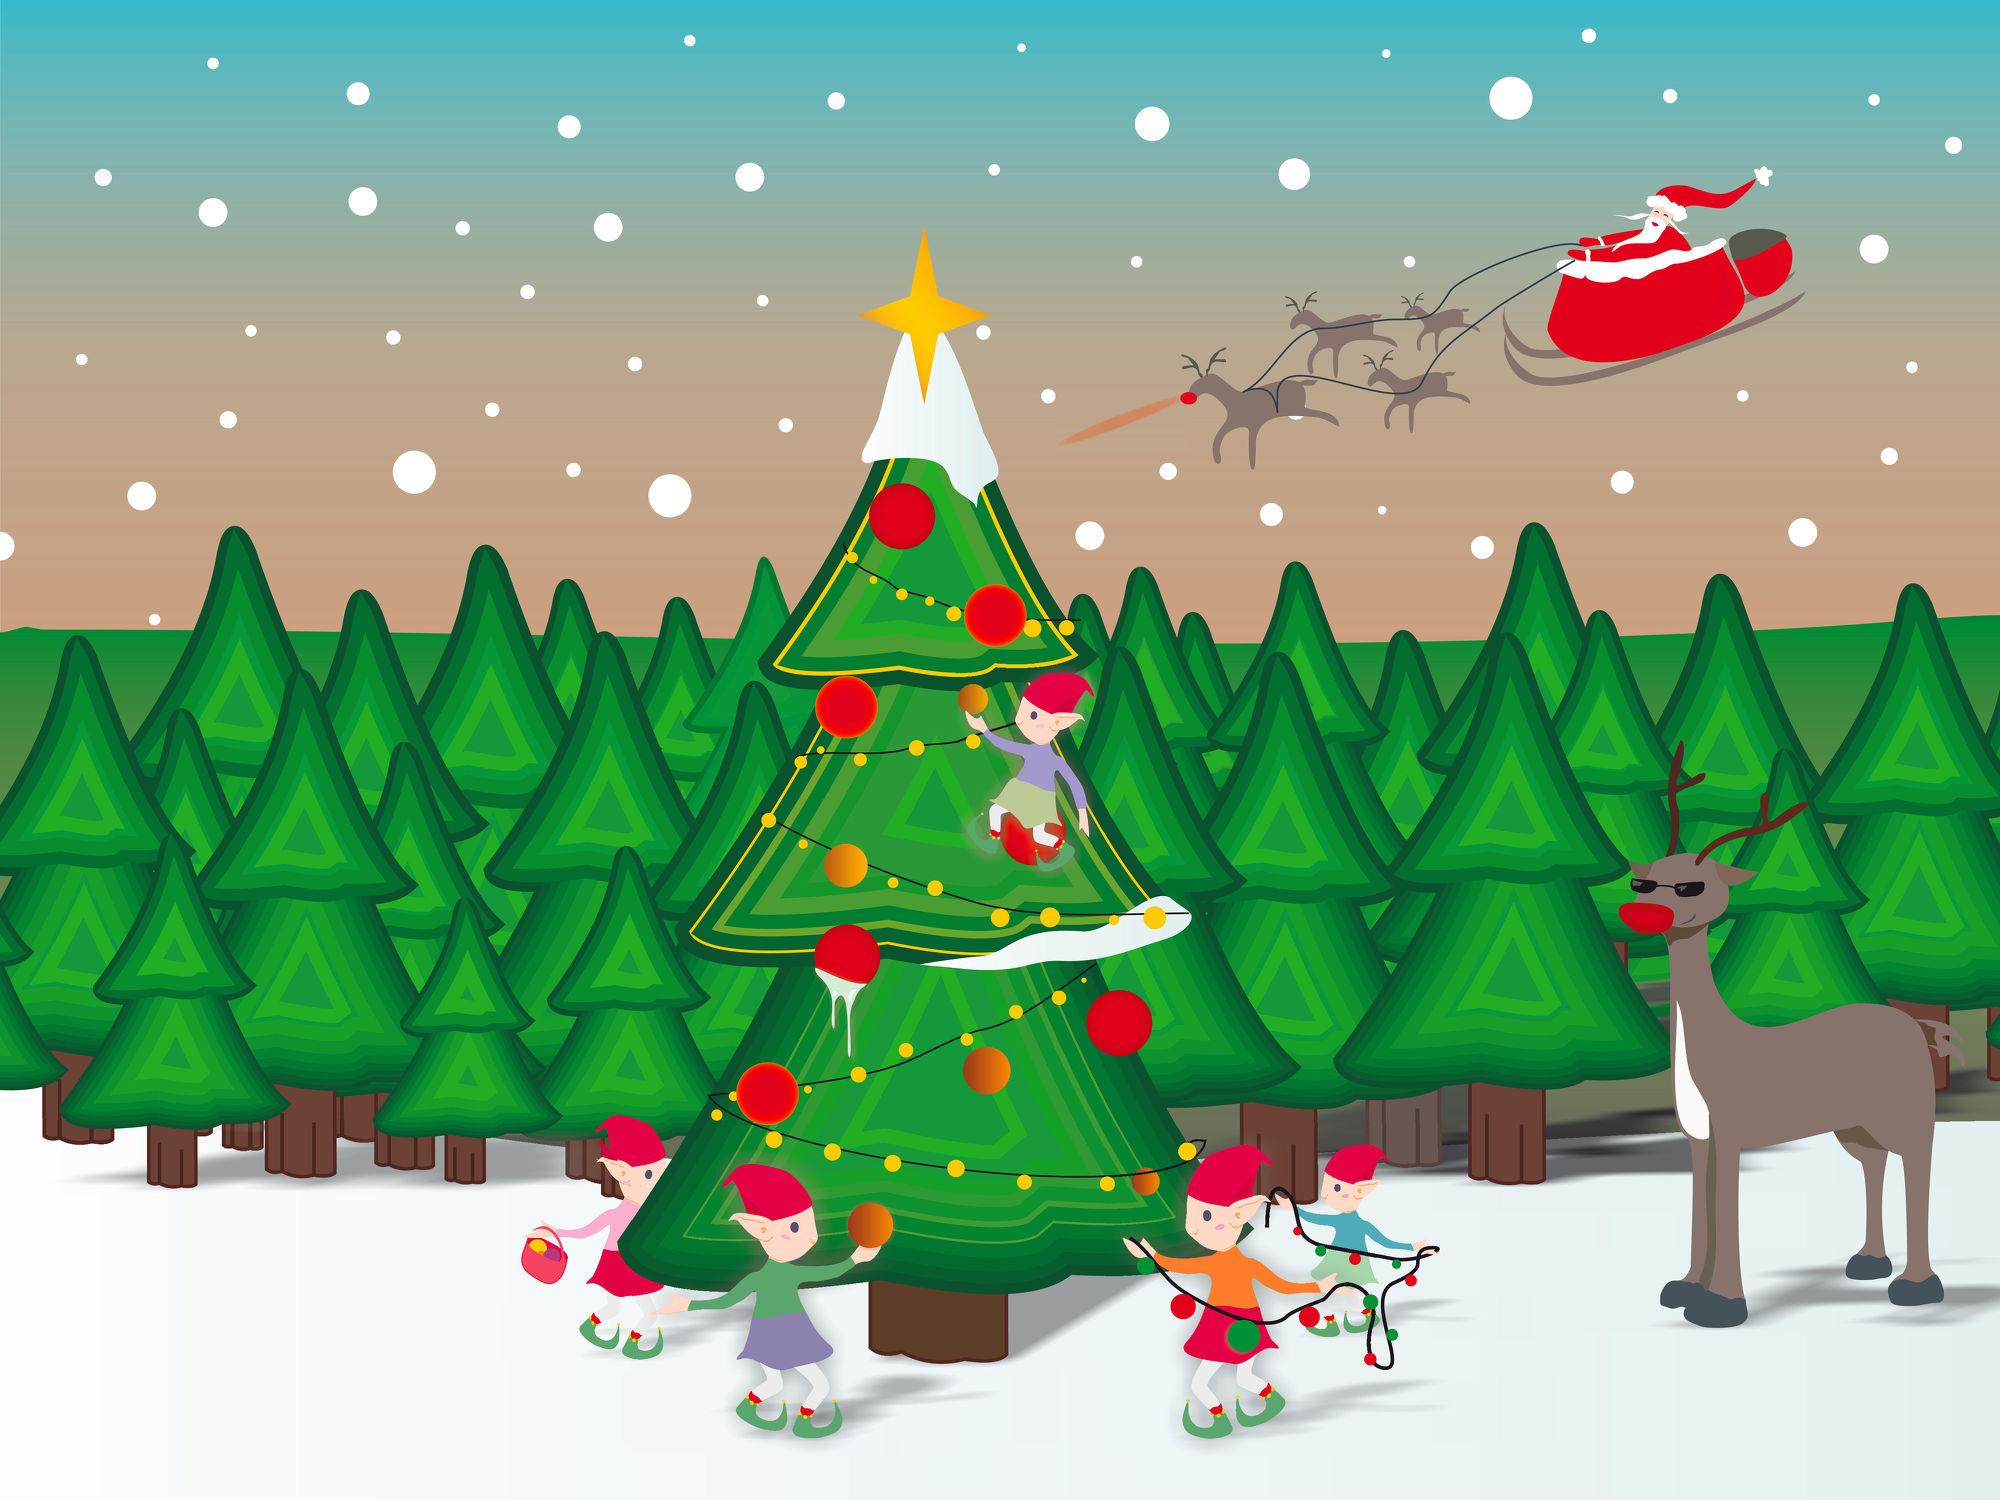 Bild mit Tiere, Winter, Schnee, Tanne, Tier, Kinderbild, Kinderbilder, Kinderzimmer, Kinderwelt, Kinder, Kind, Weihnachten, xmas, Christmas, Renntier, Renntiere, Weihnachtsbaum, Weihnachtsmann, Elfen, Elfe, Wichtel, Weihnachtswichtel, Santa Claus, Sankt Nikolaus, Renntierschlitten, Schlitten, winterlandschaft